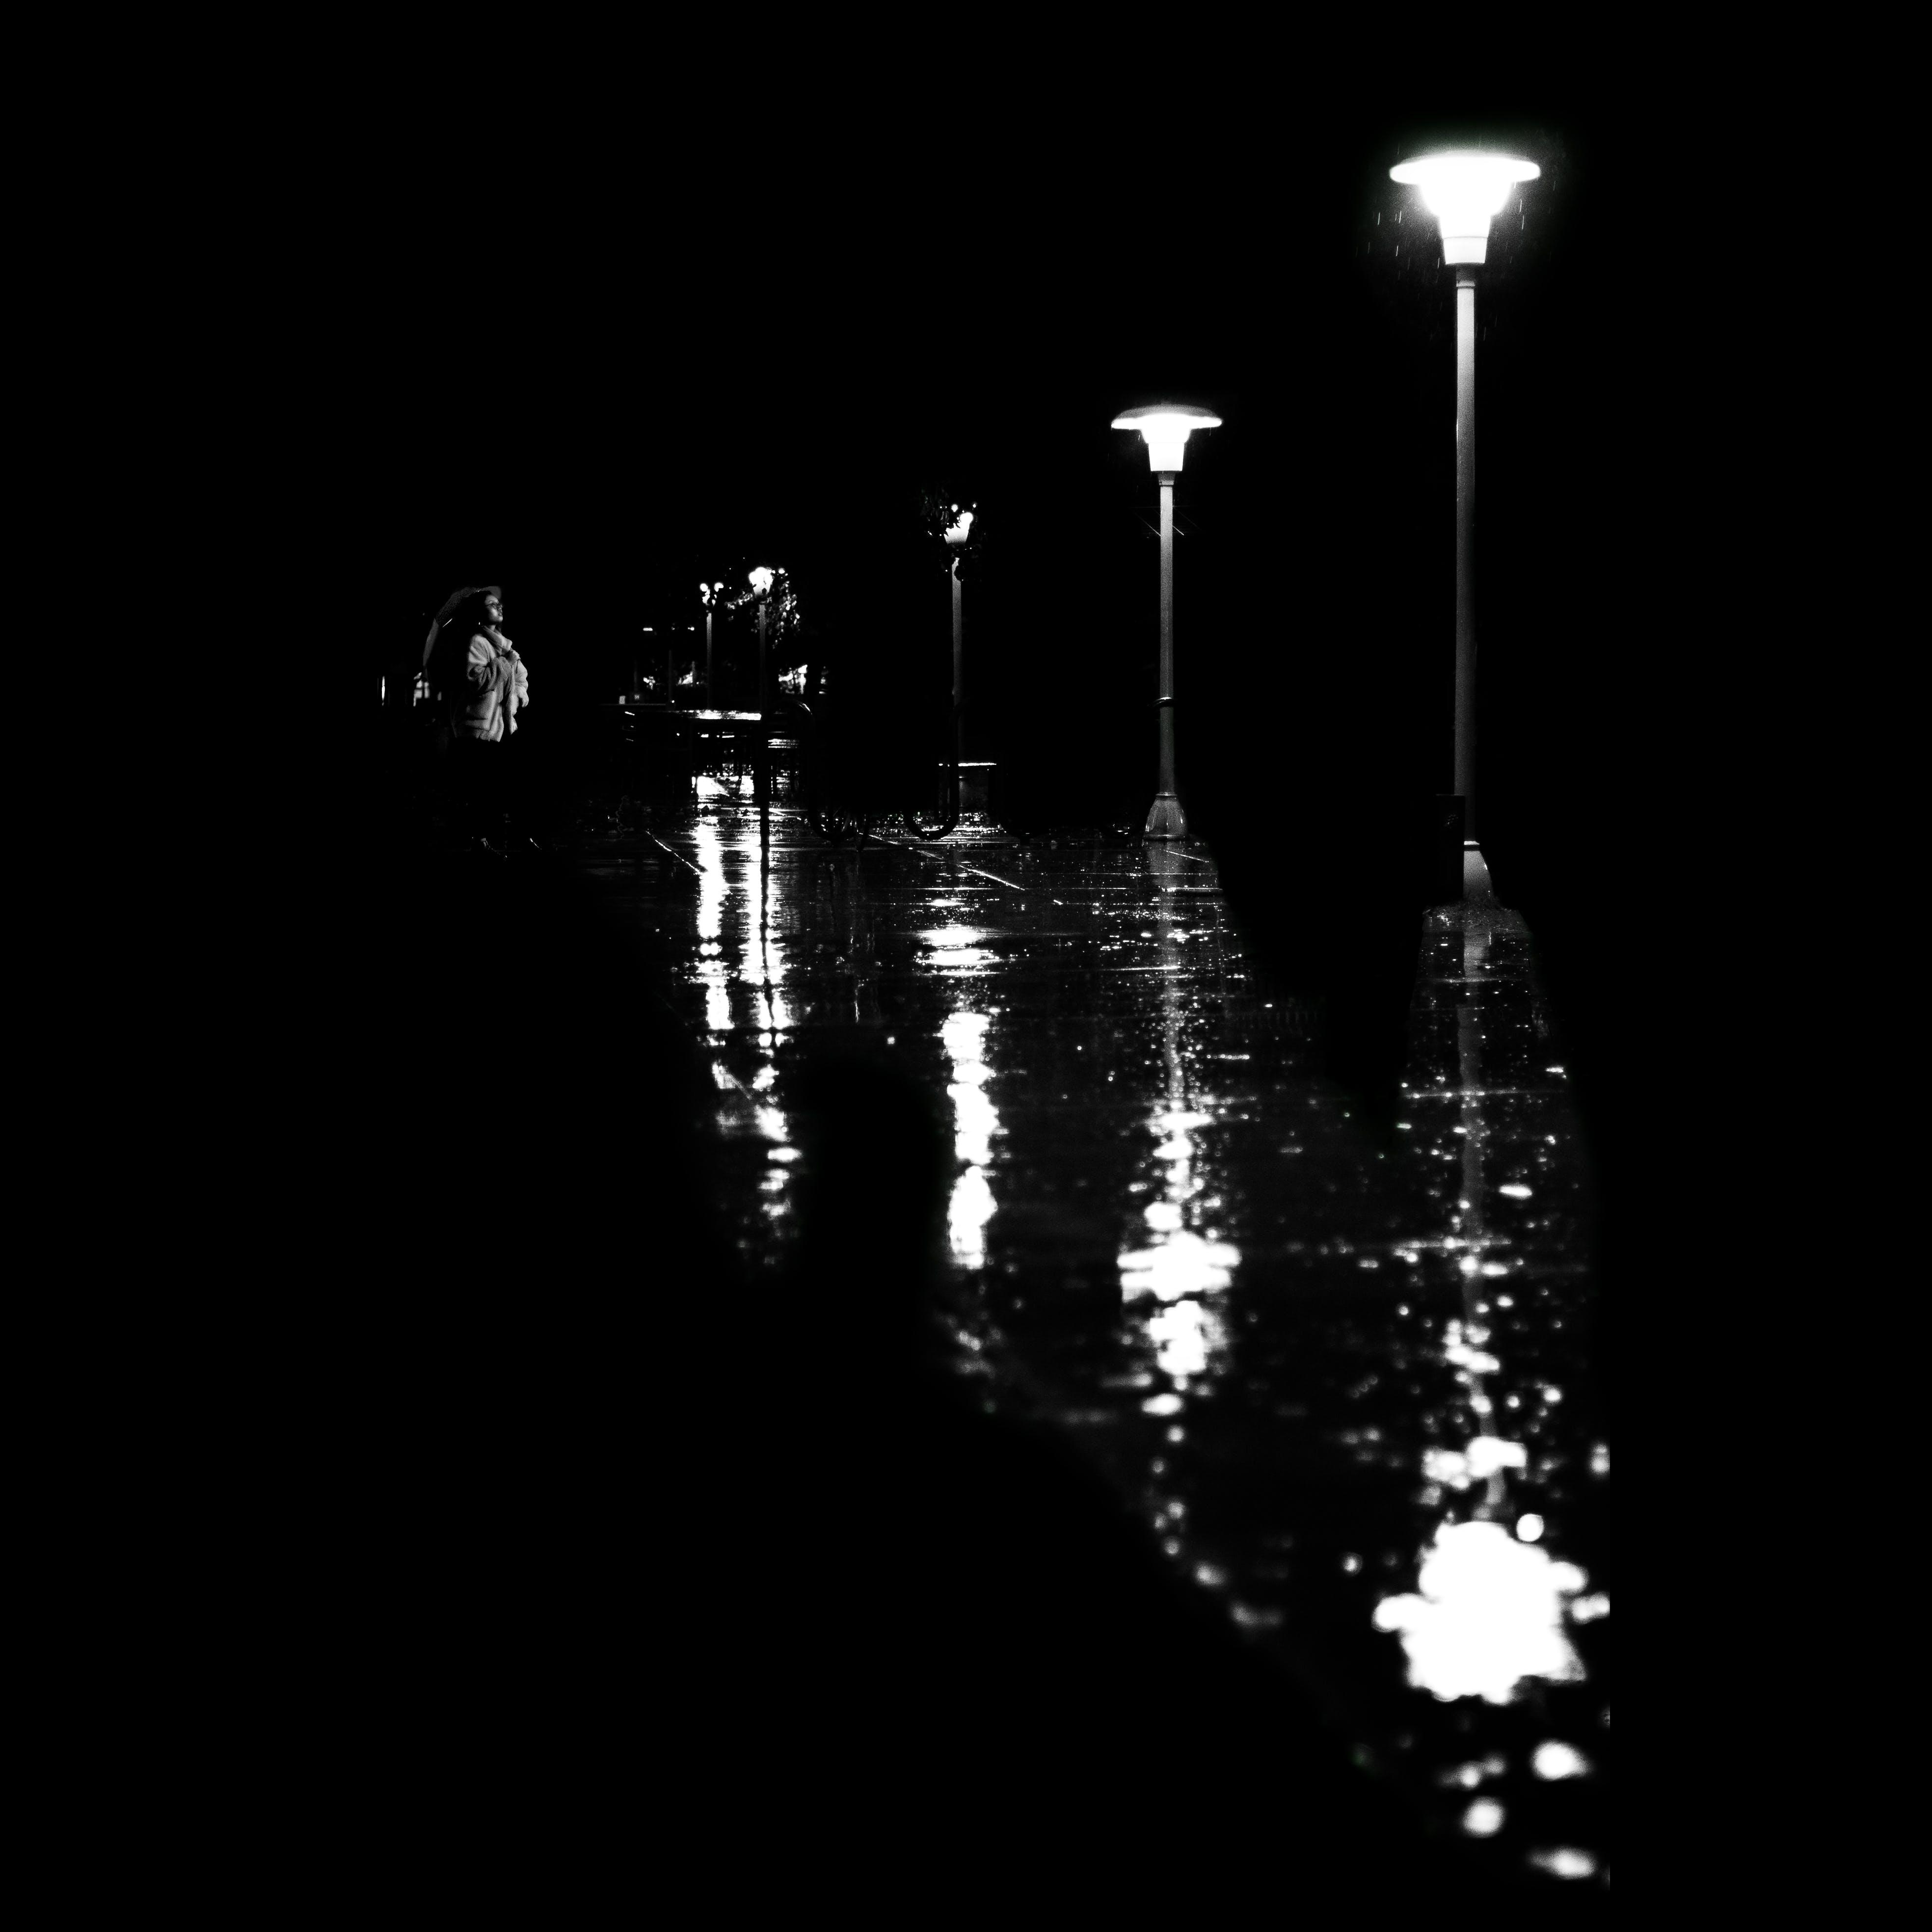 Kostenloses Stock Foto zu nach dem regen, nacht, nachtleben, regenschirm